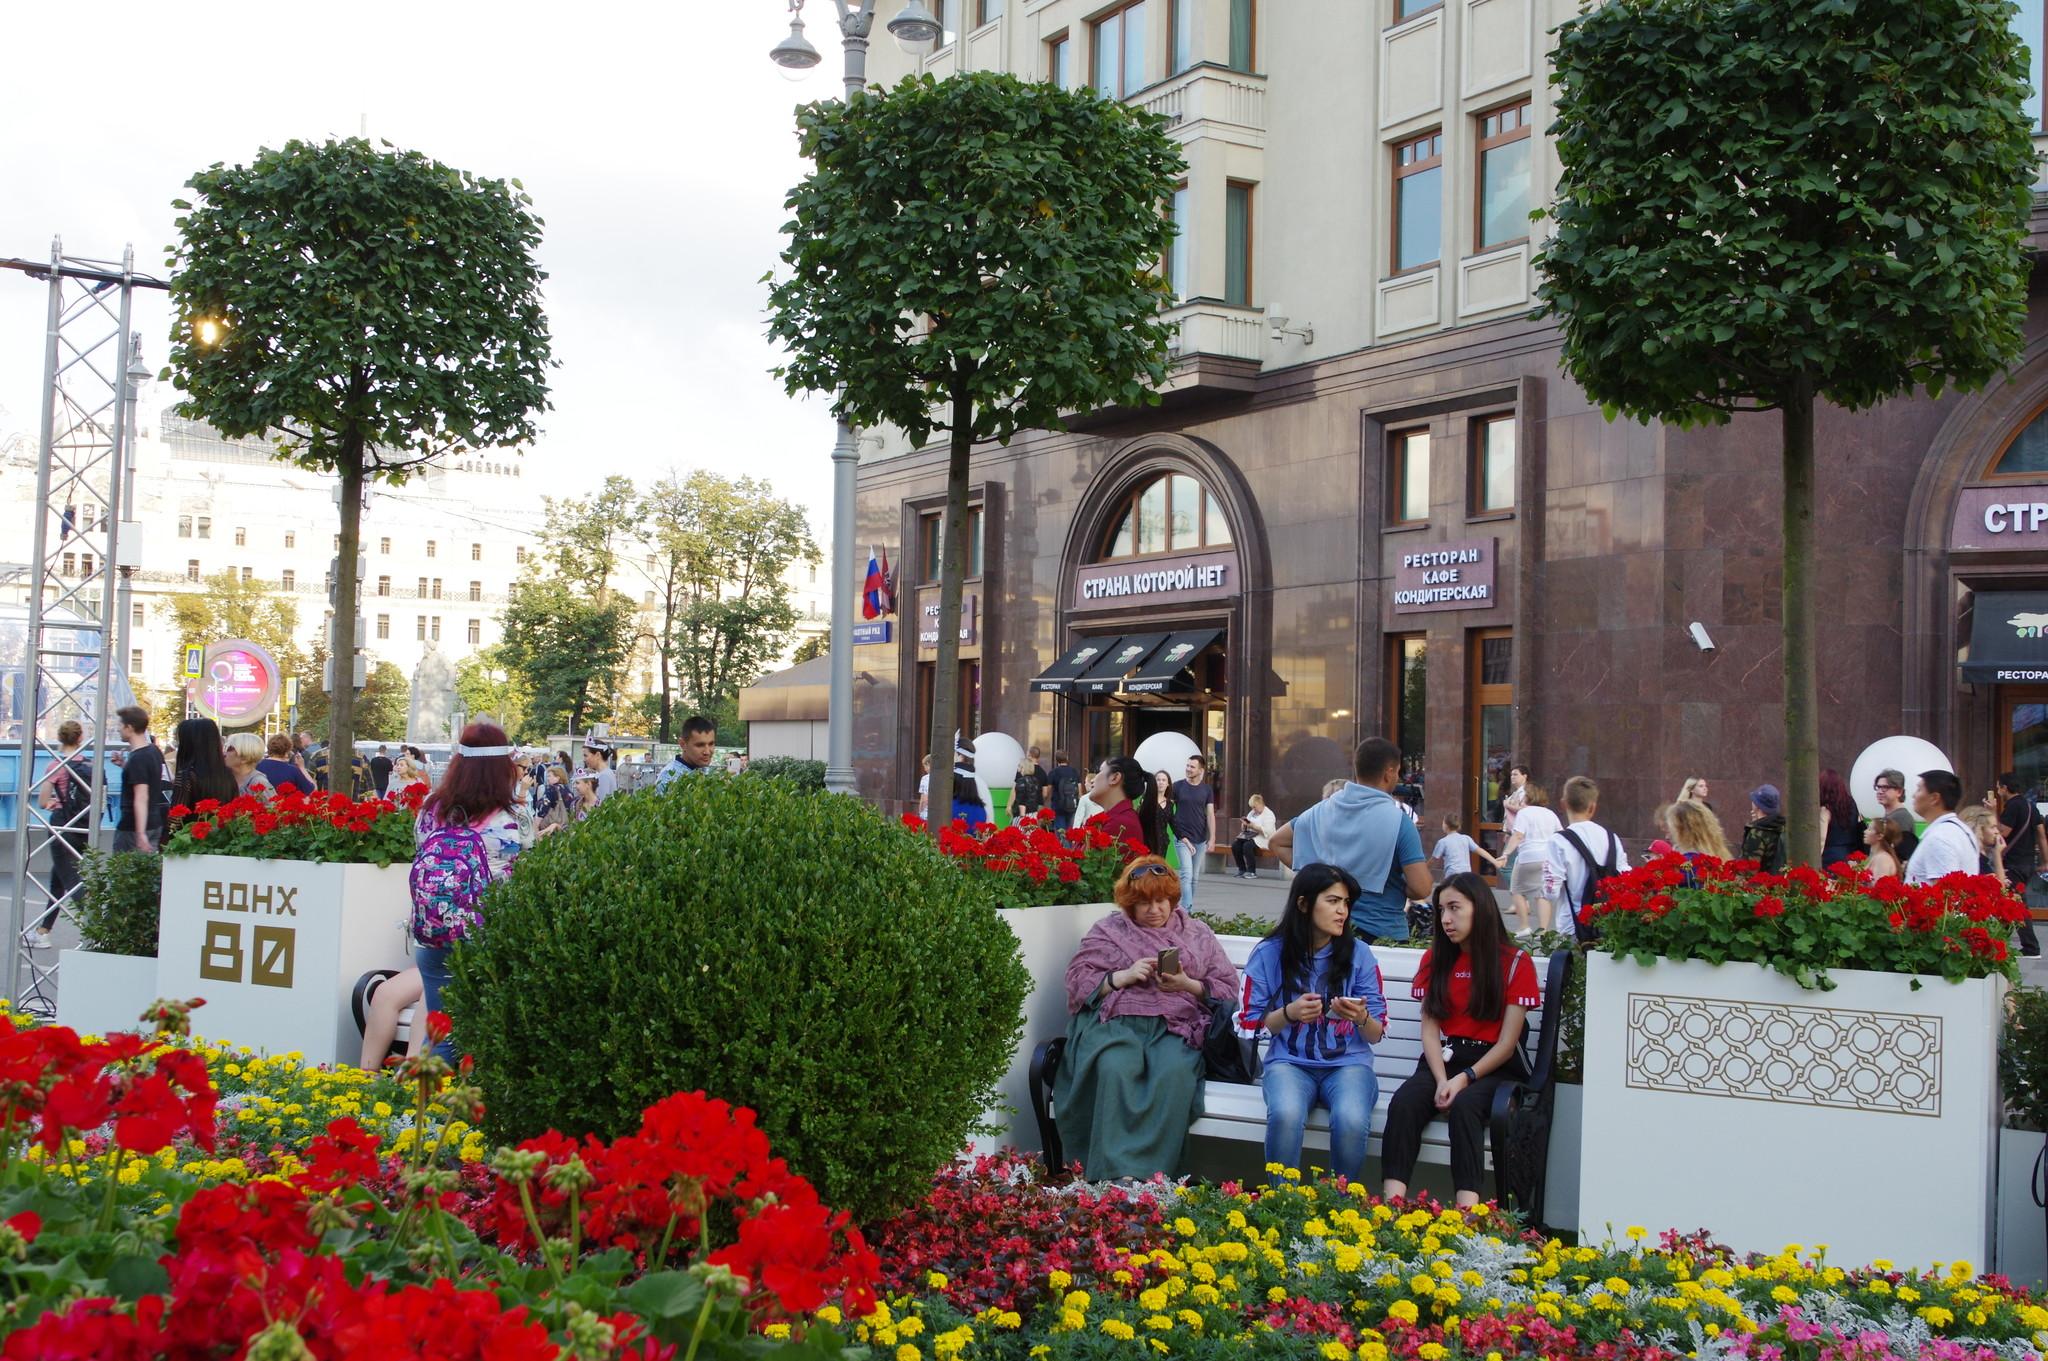 Улица Охотный Ряд. Фестиваль «Цветочный джем»